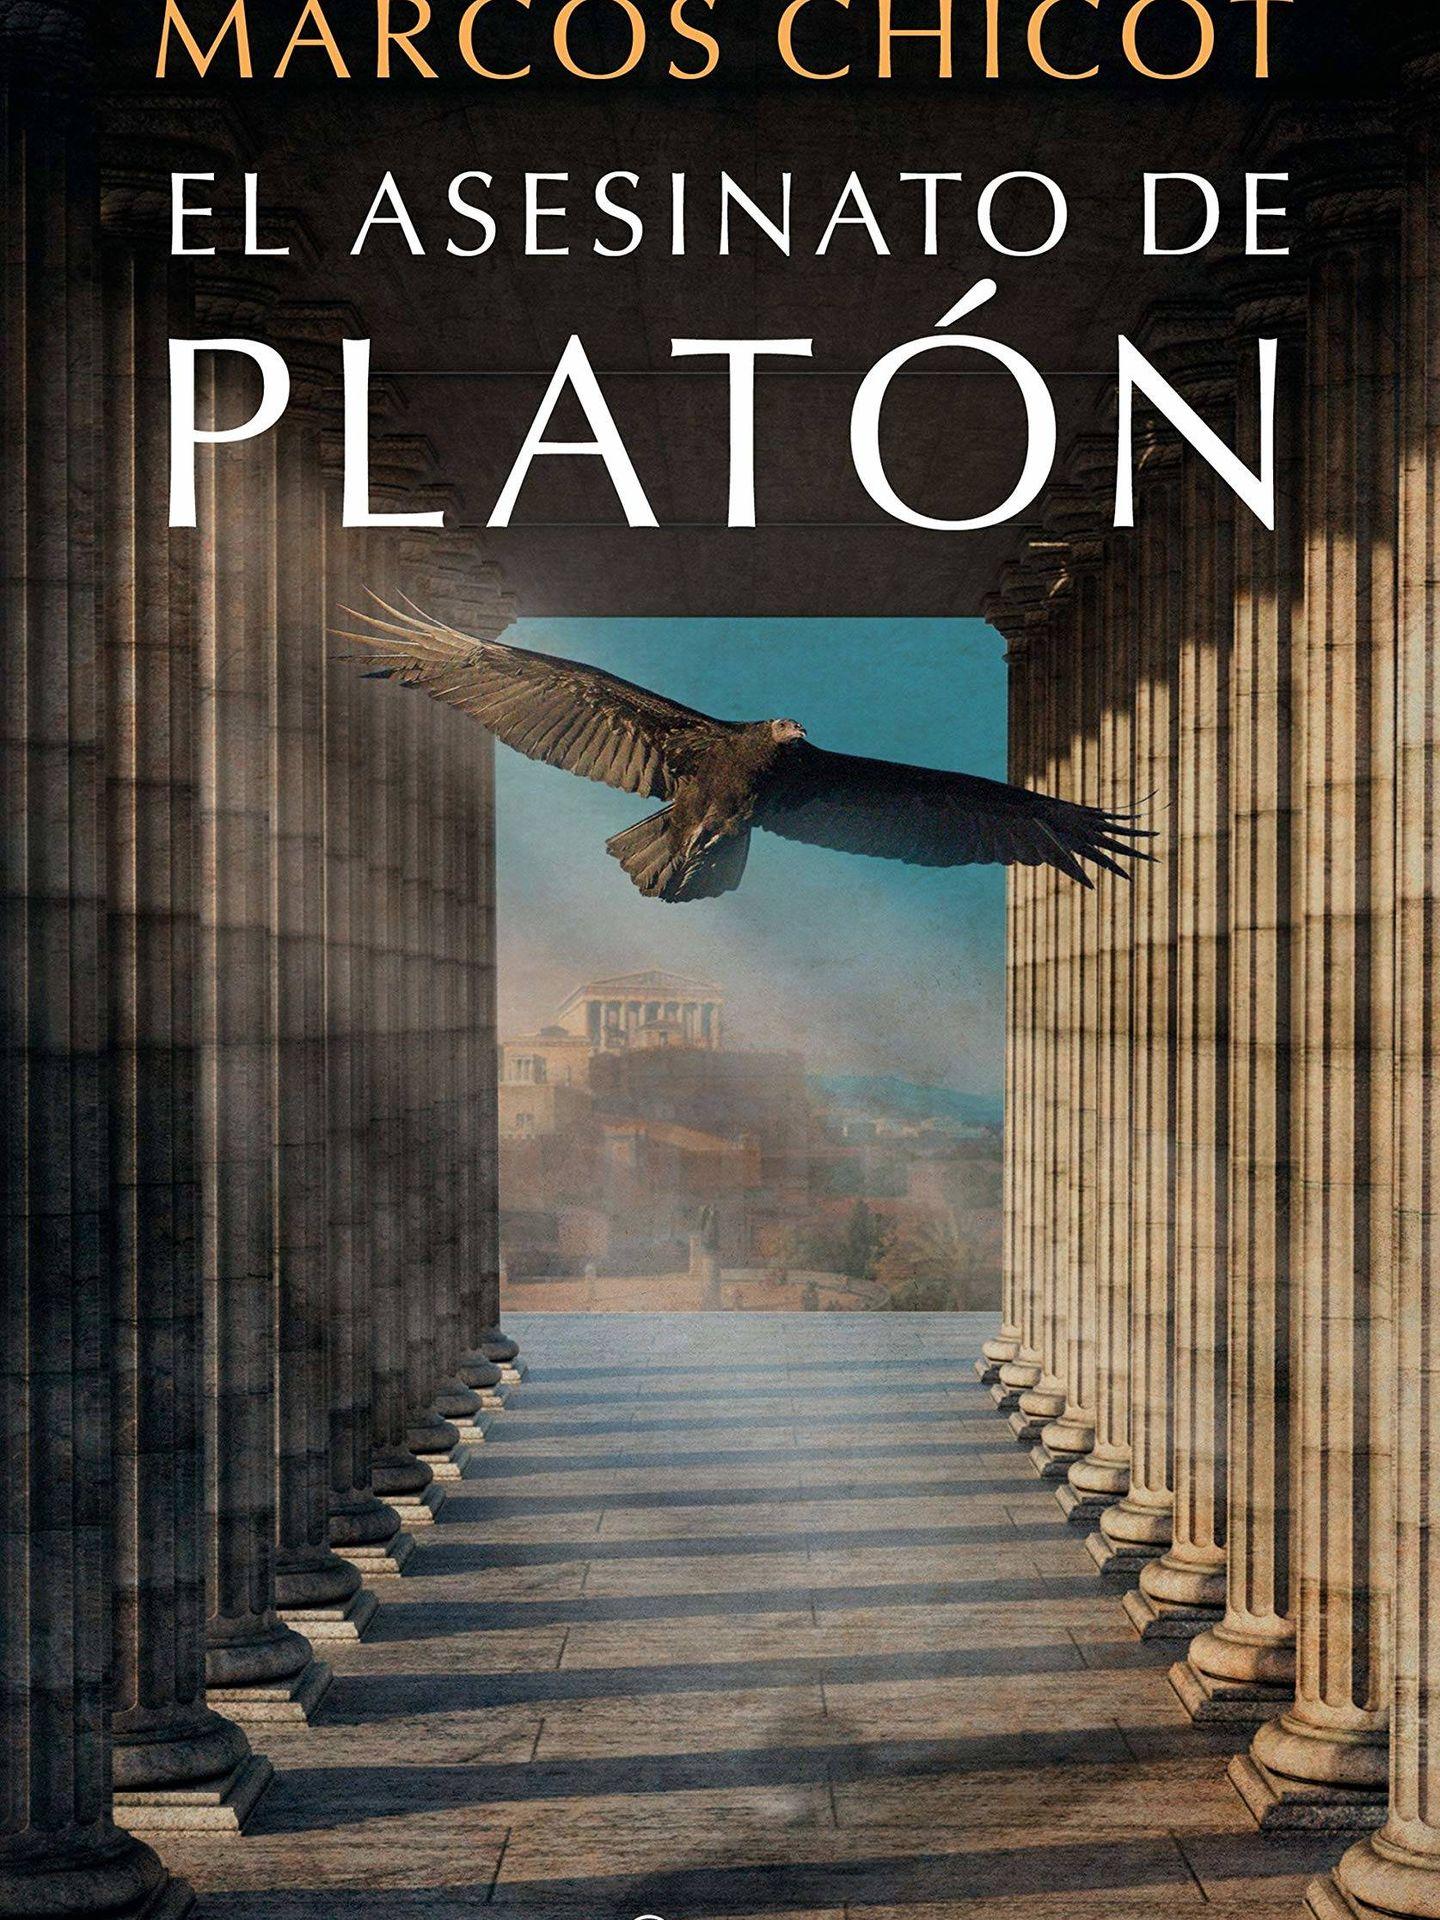 'El asesinato de Platón' (Planeta)